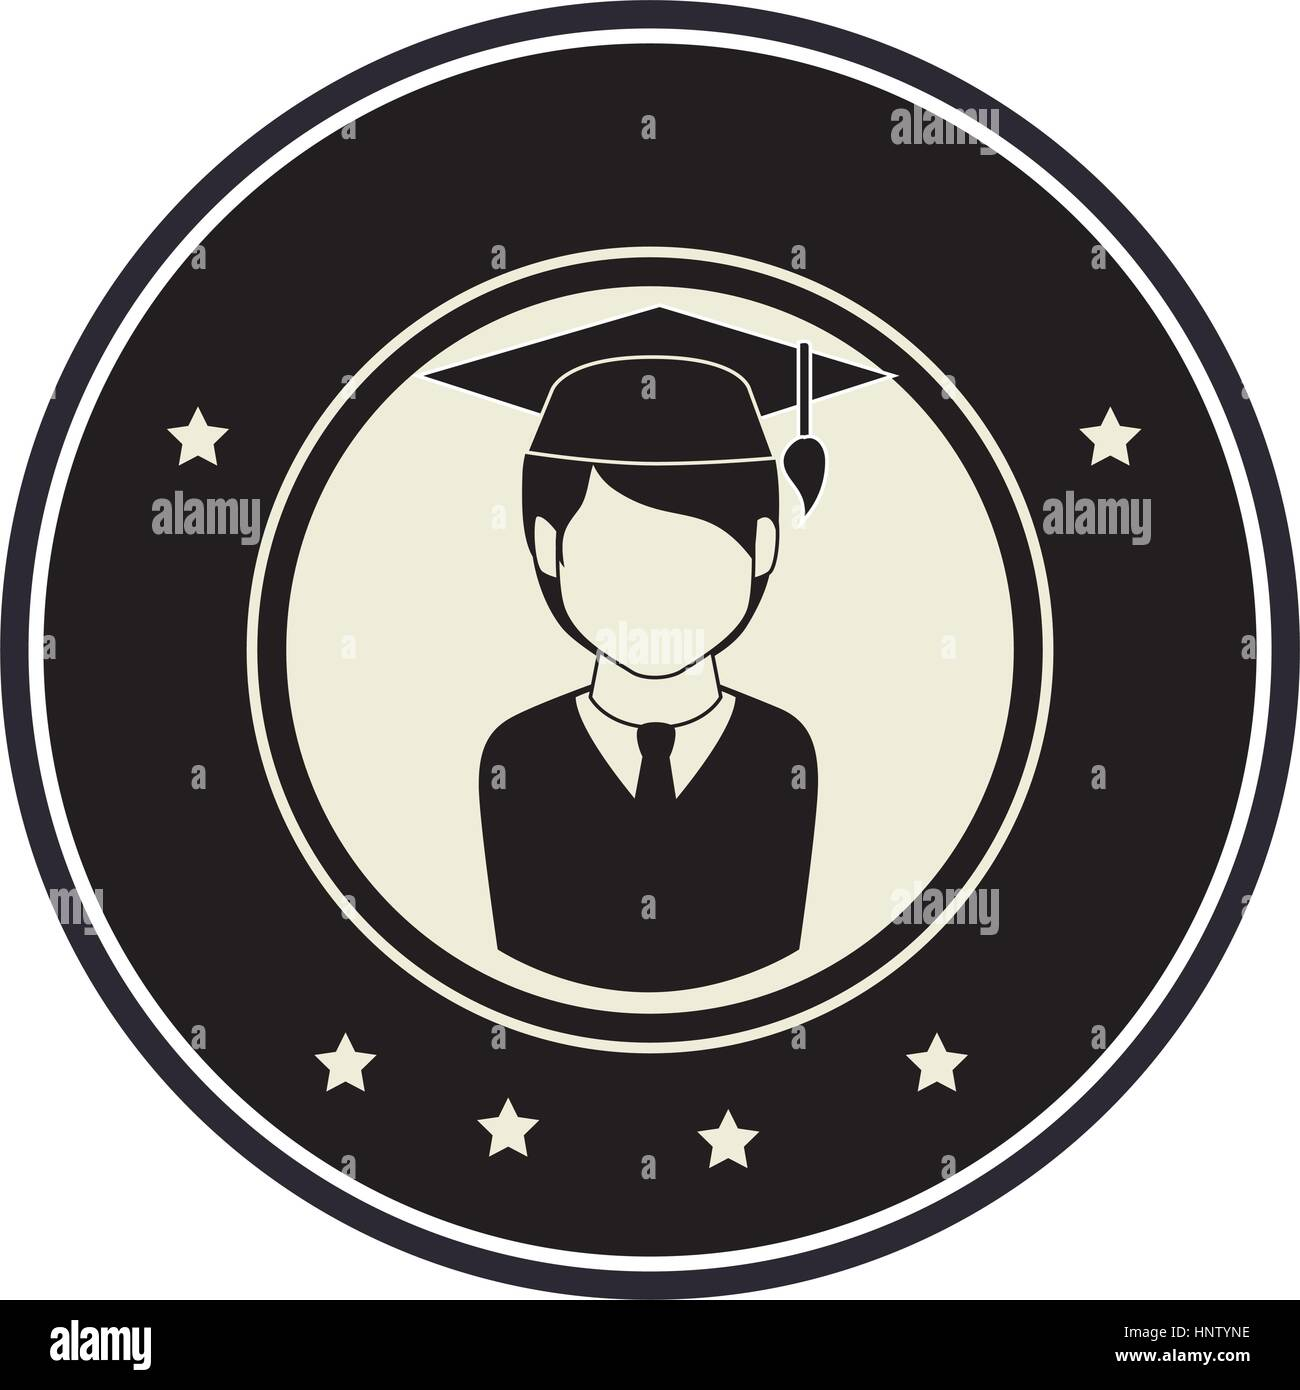 76d878ea5 Monocromo emblema circular con hombre de medio cuerpo con traje de graduación  ilustración vectorial Imagen De